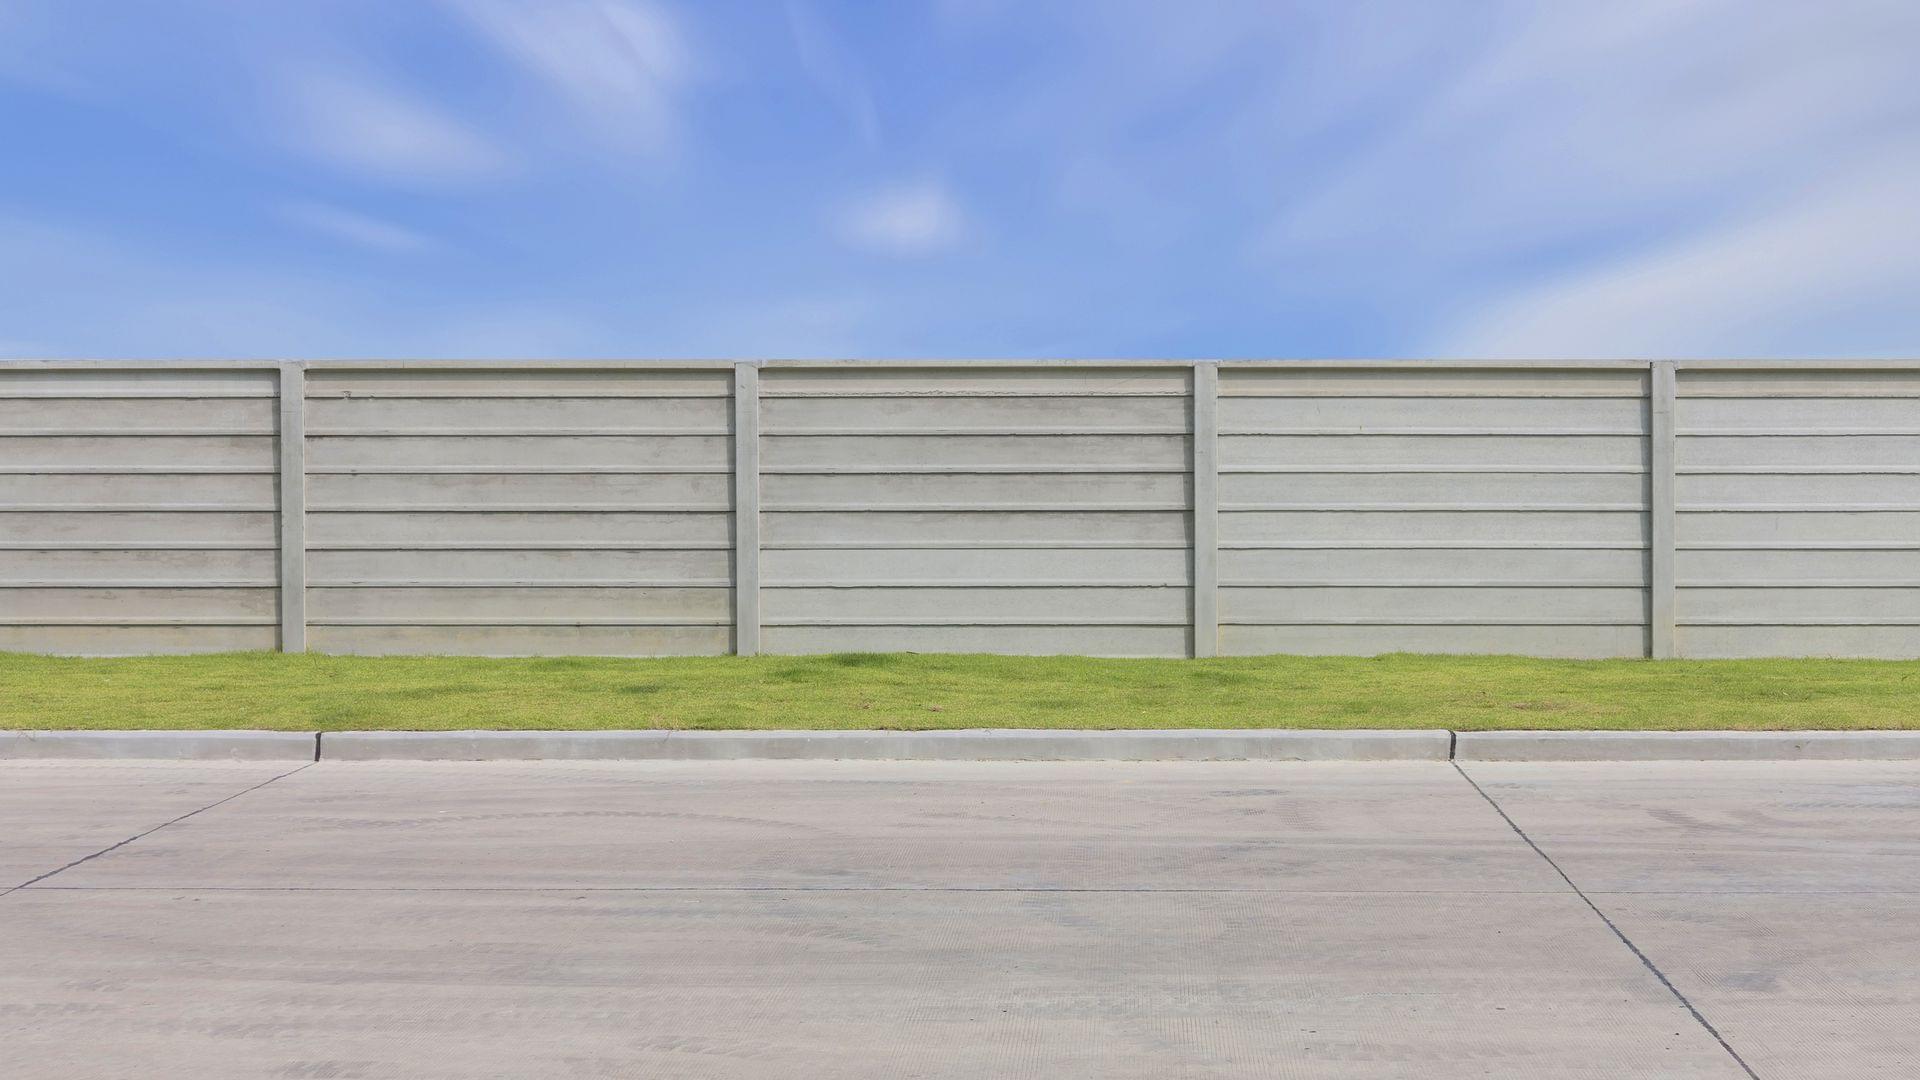 Oferty Sprzedazy Ogrodzen Betonowych W Bydgoszczy 2019